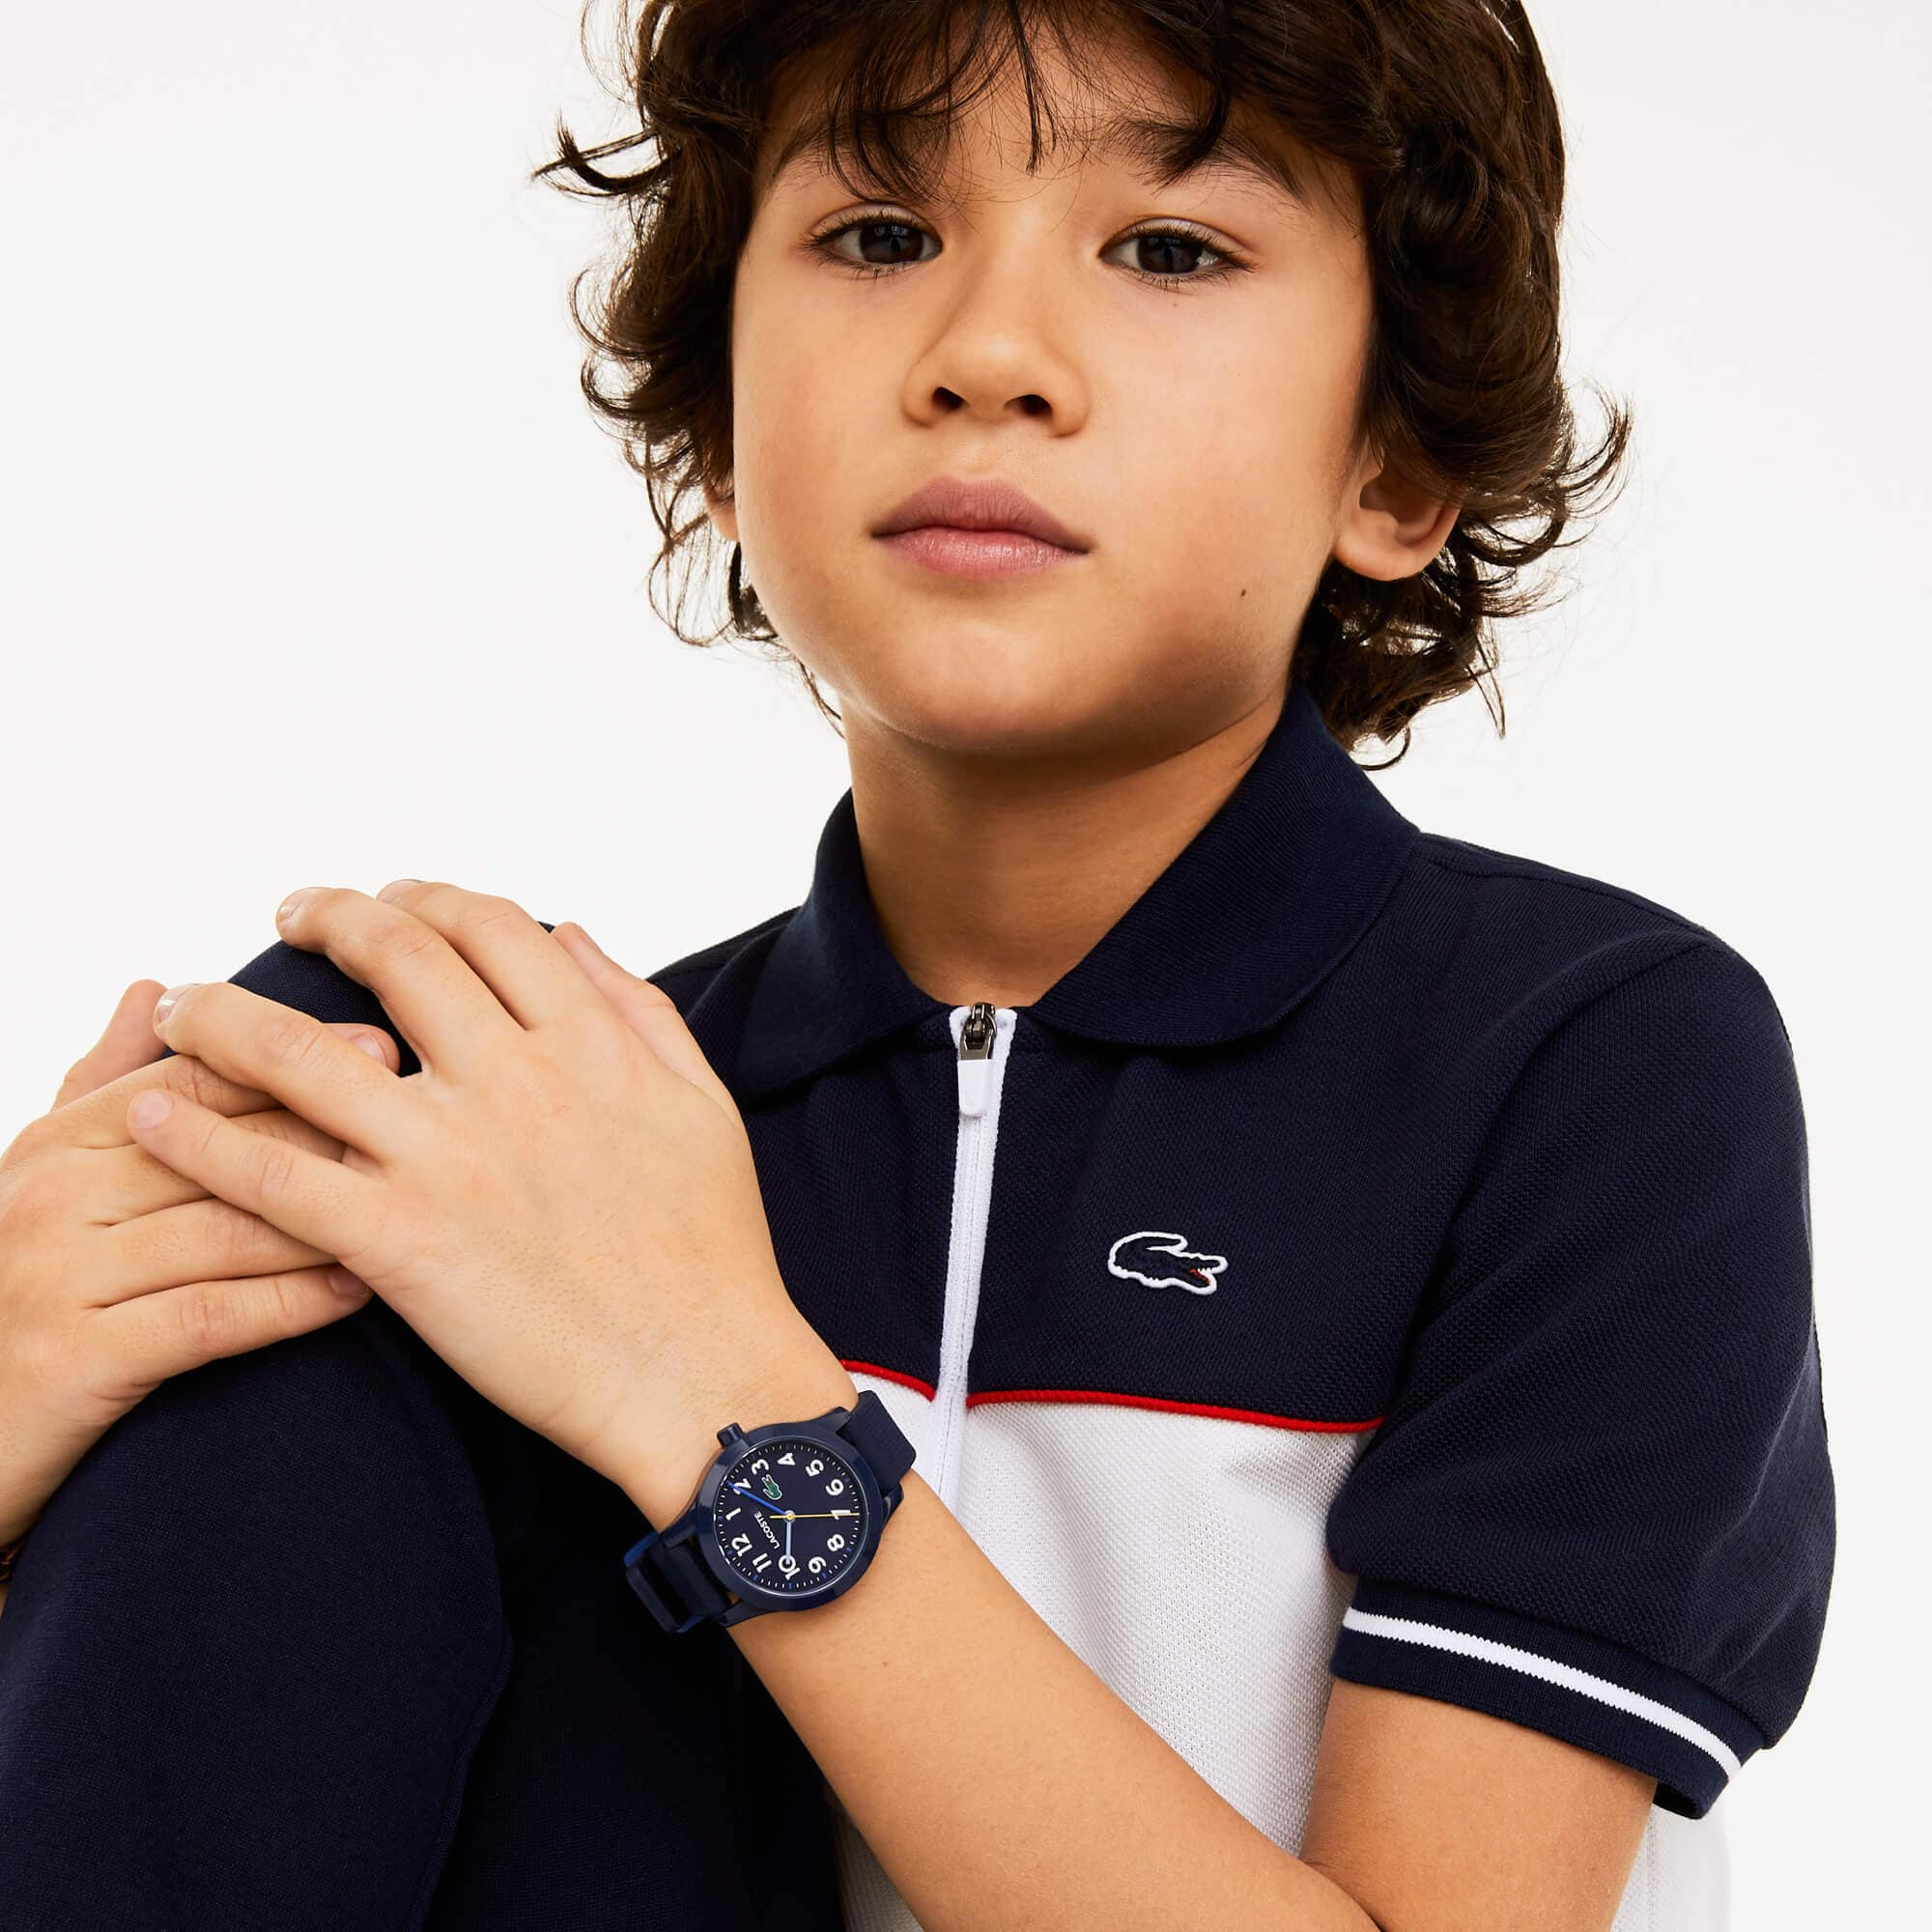 Orologio Lacoste 12.12 da bambino con cinturino in silicone blu